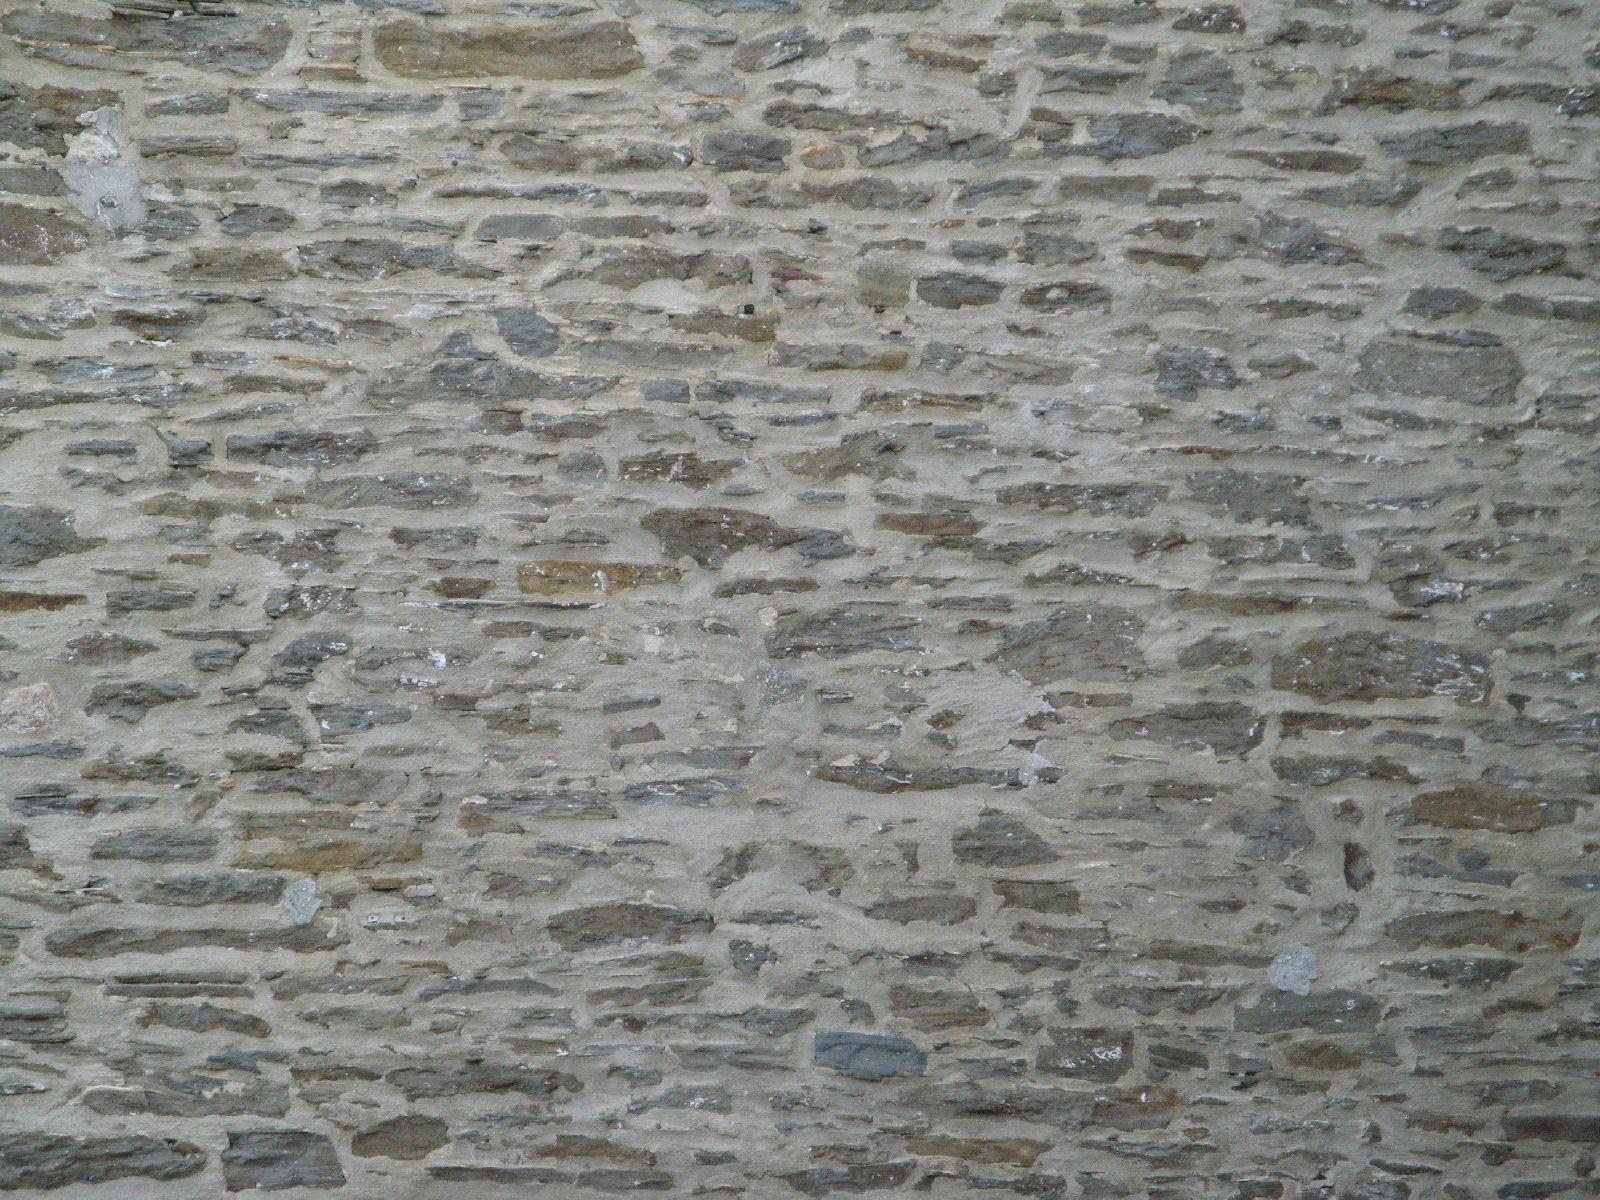 Wand-Bruchstein_Textur_B_1729